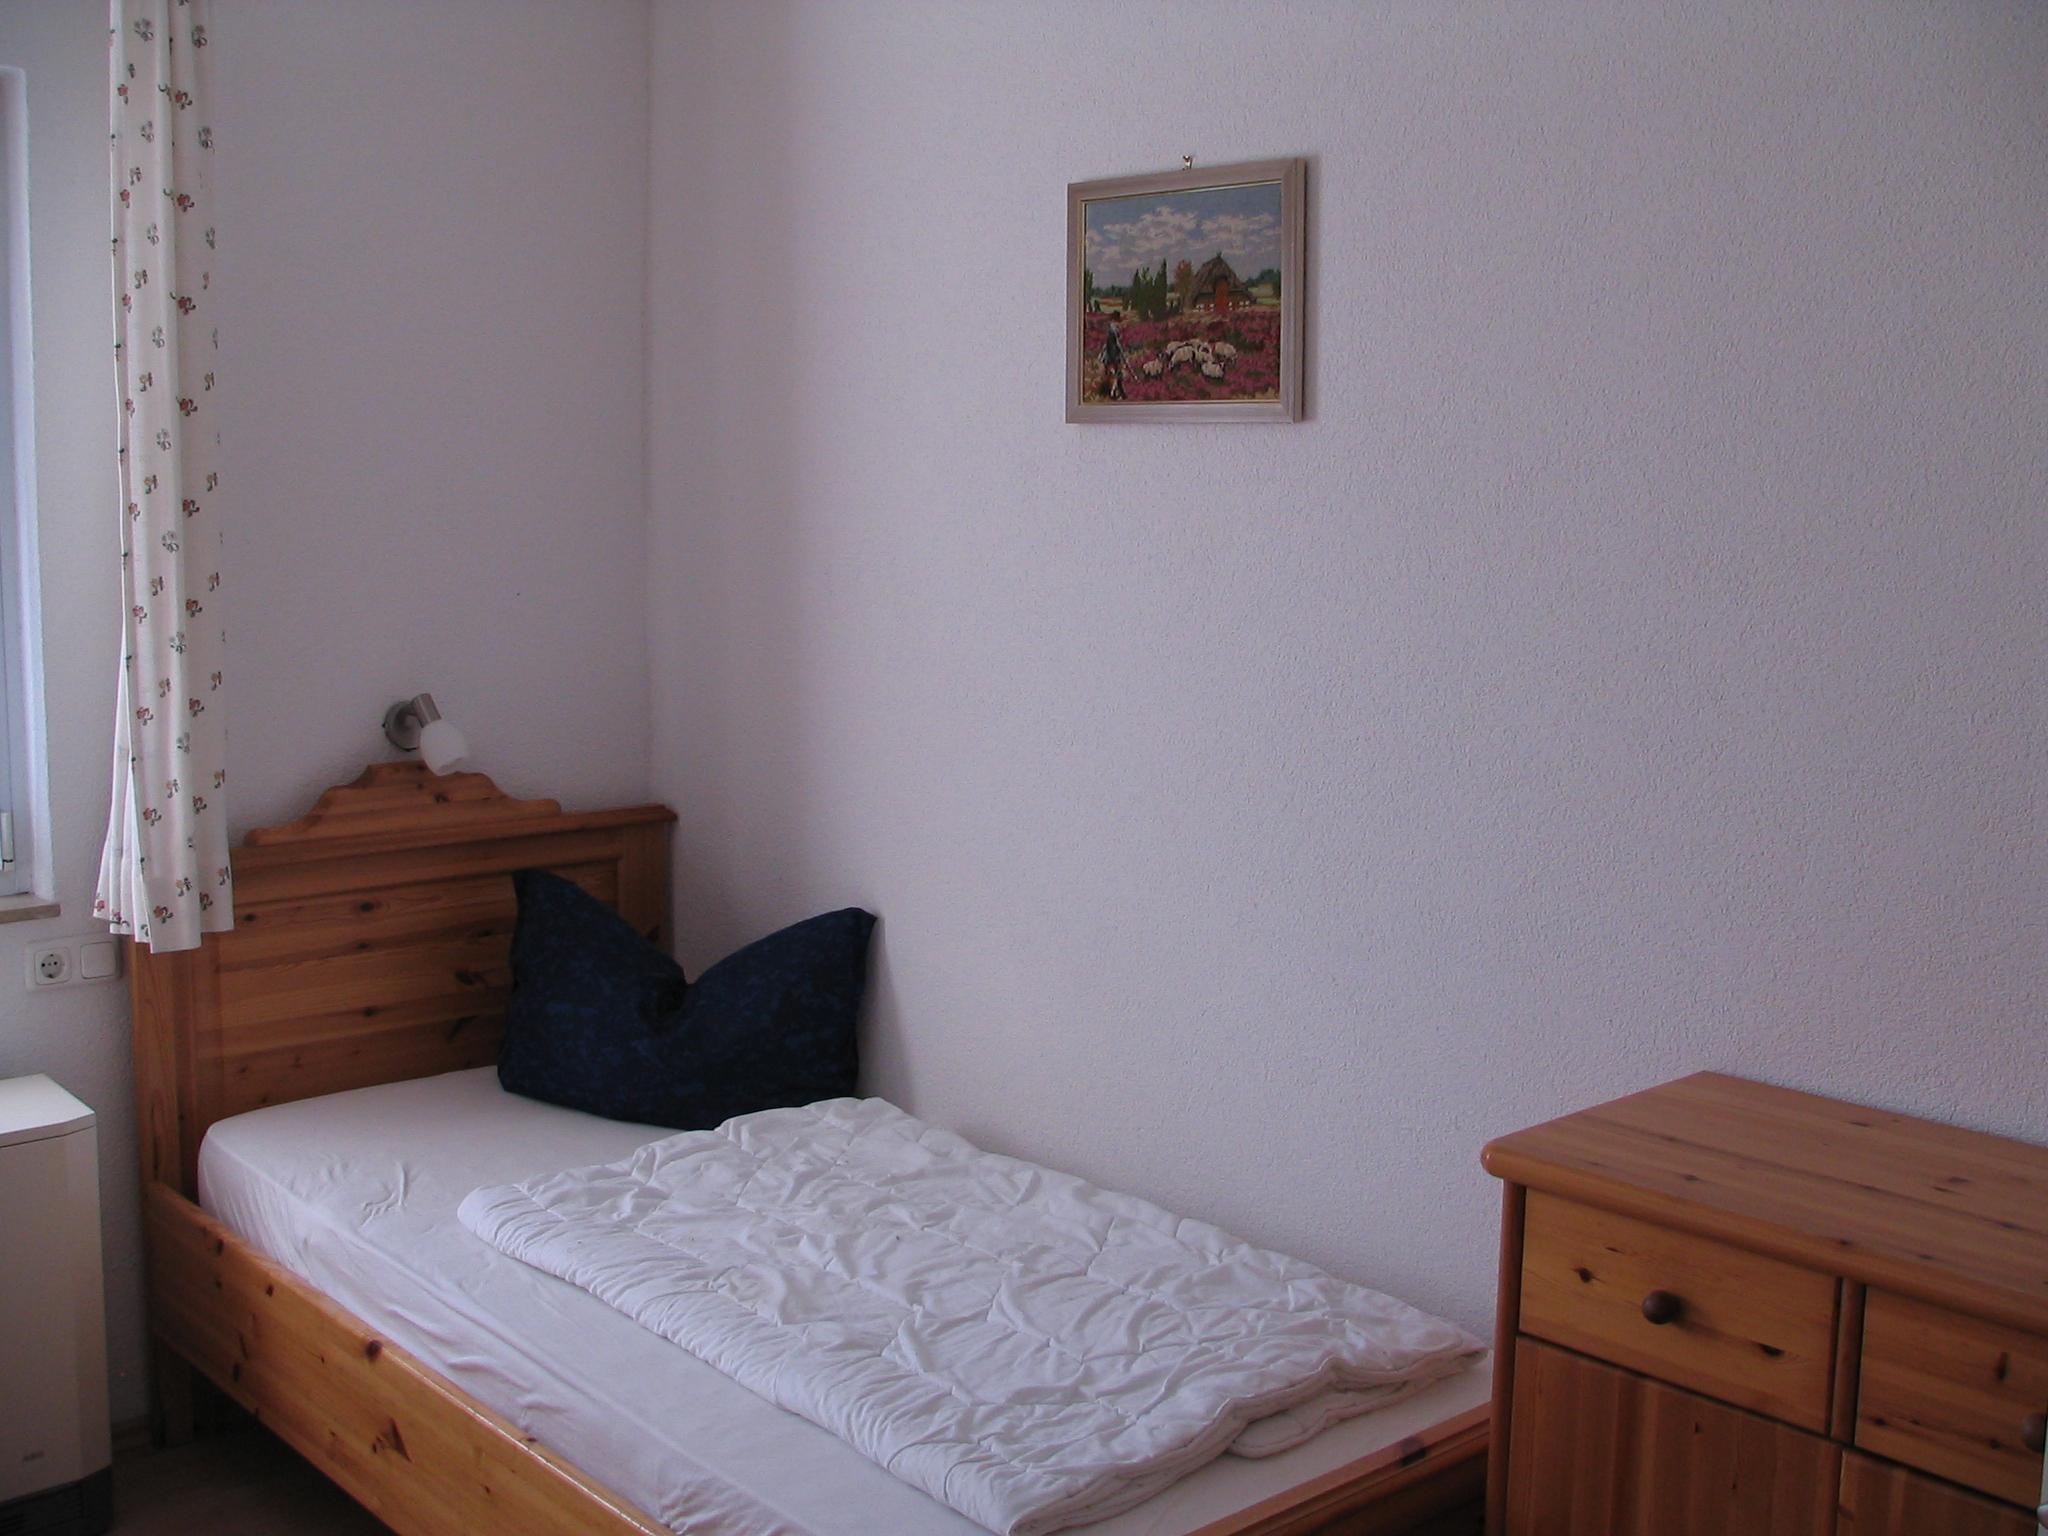 Ferienlandhaus.de | Vorderes und Mittleres Zimmer